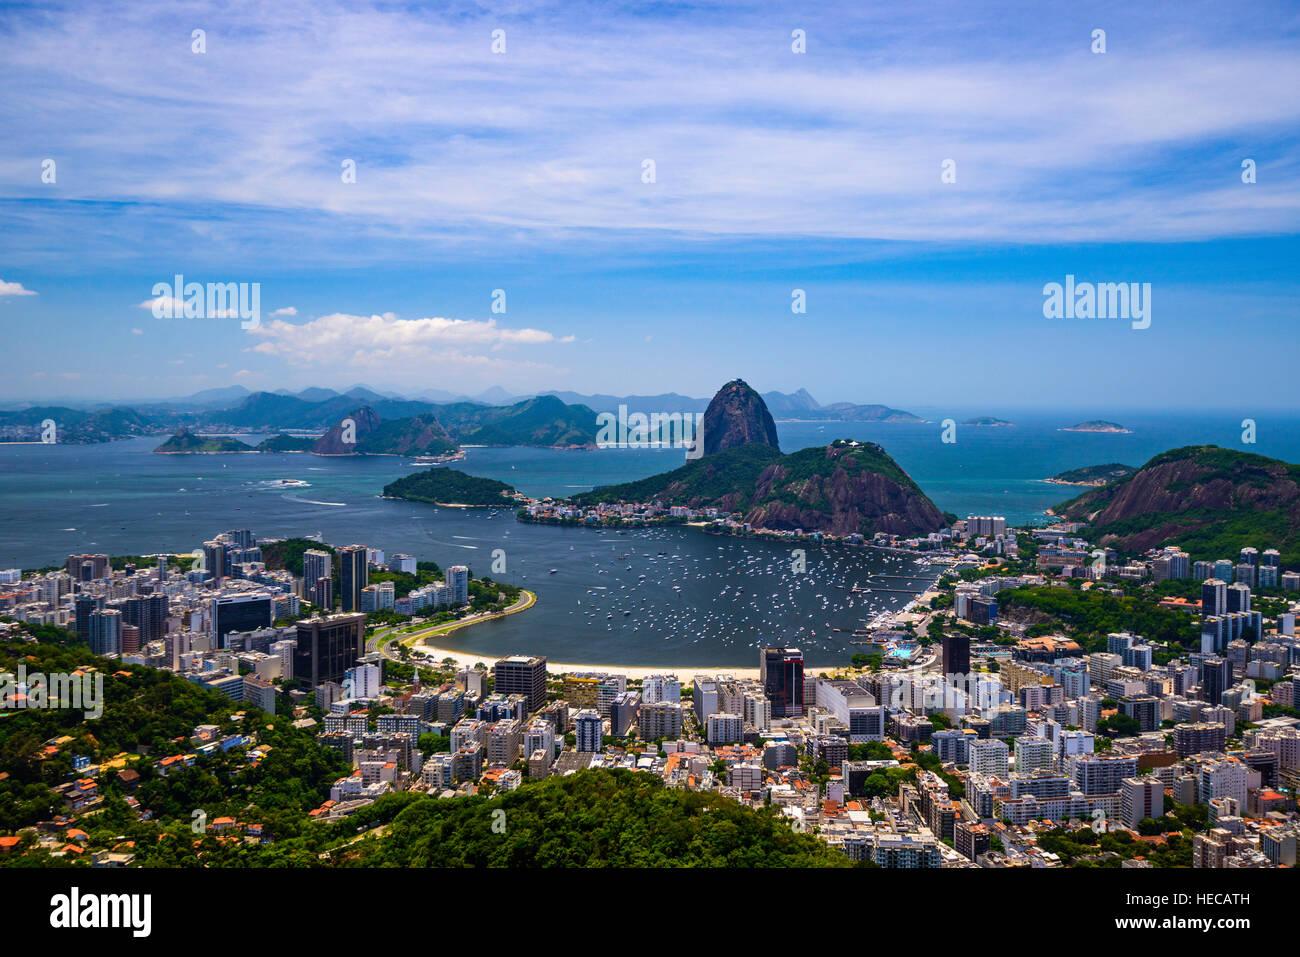 Sugar Loaf mountain, Rio de Janeiro, Brazil - Stock Image